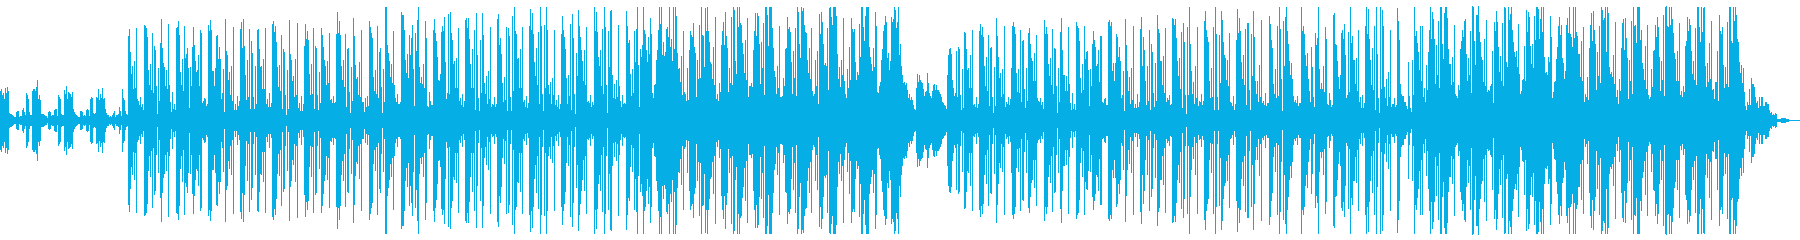 ダーク 洋楽 ヒップホップ トラップの再生済みの波形